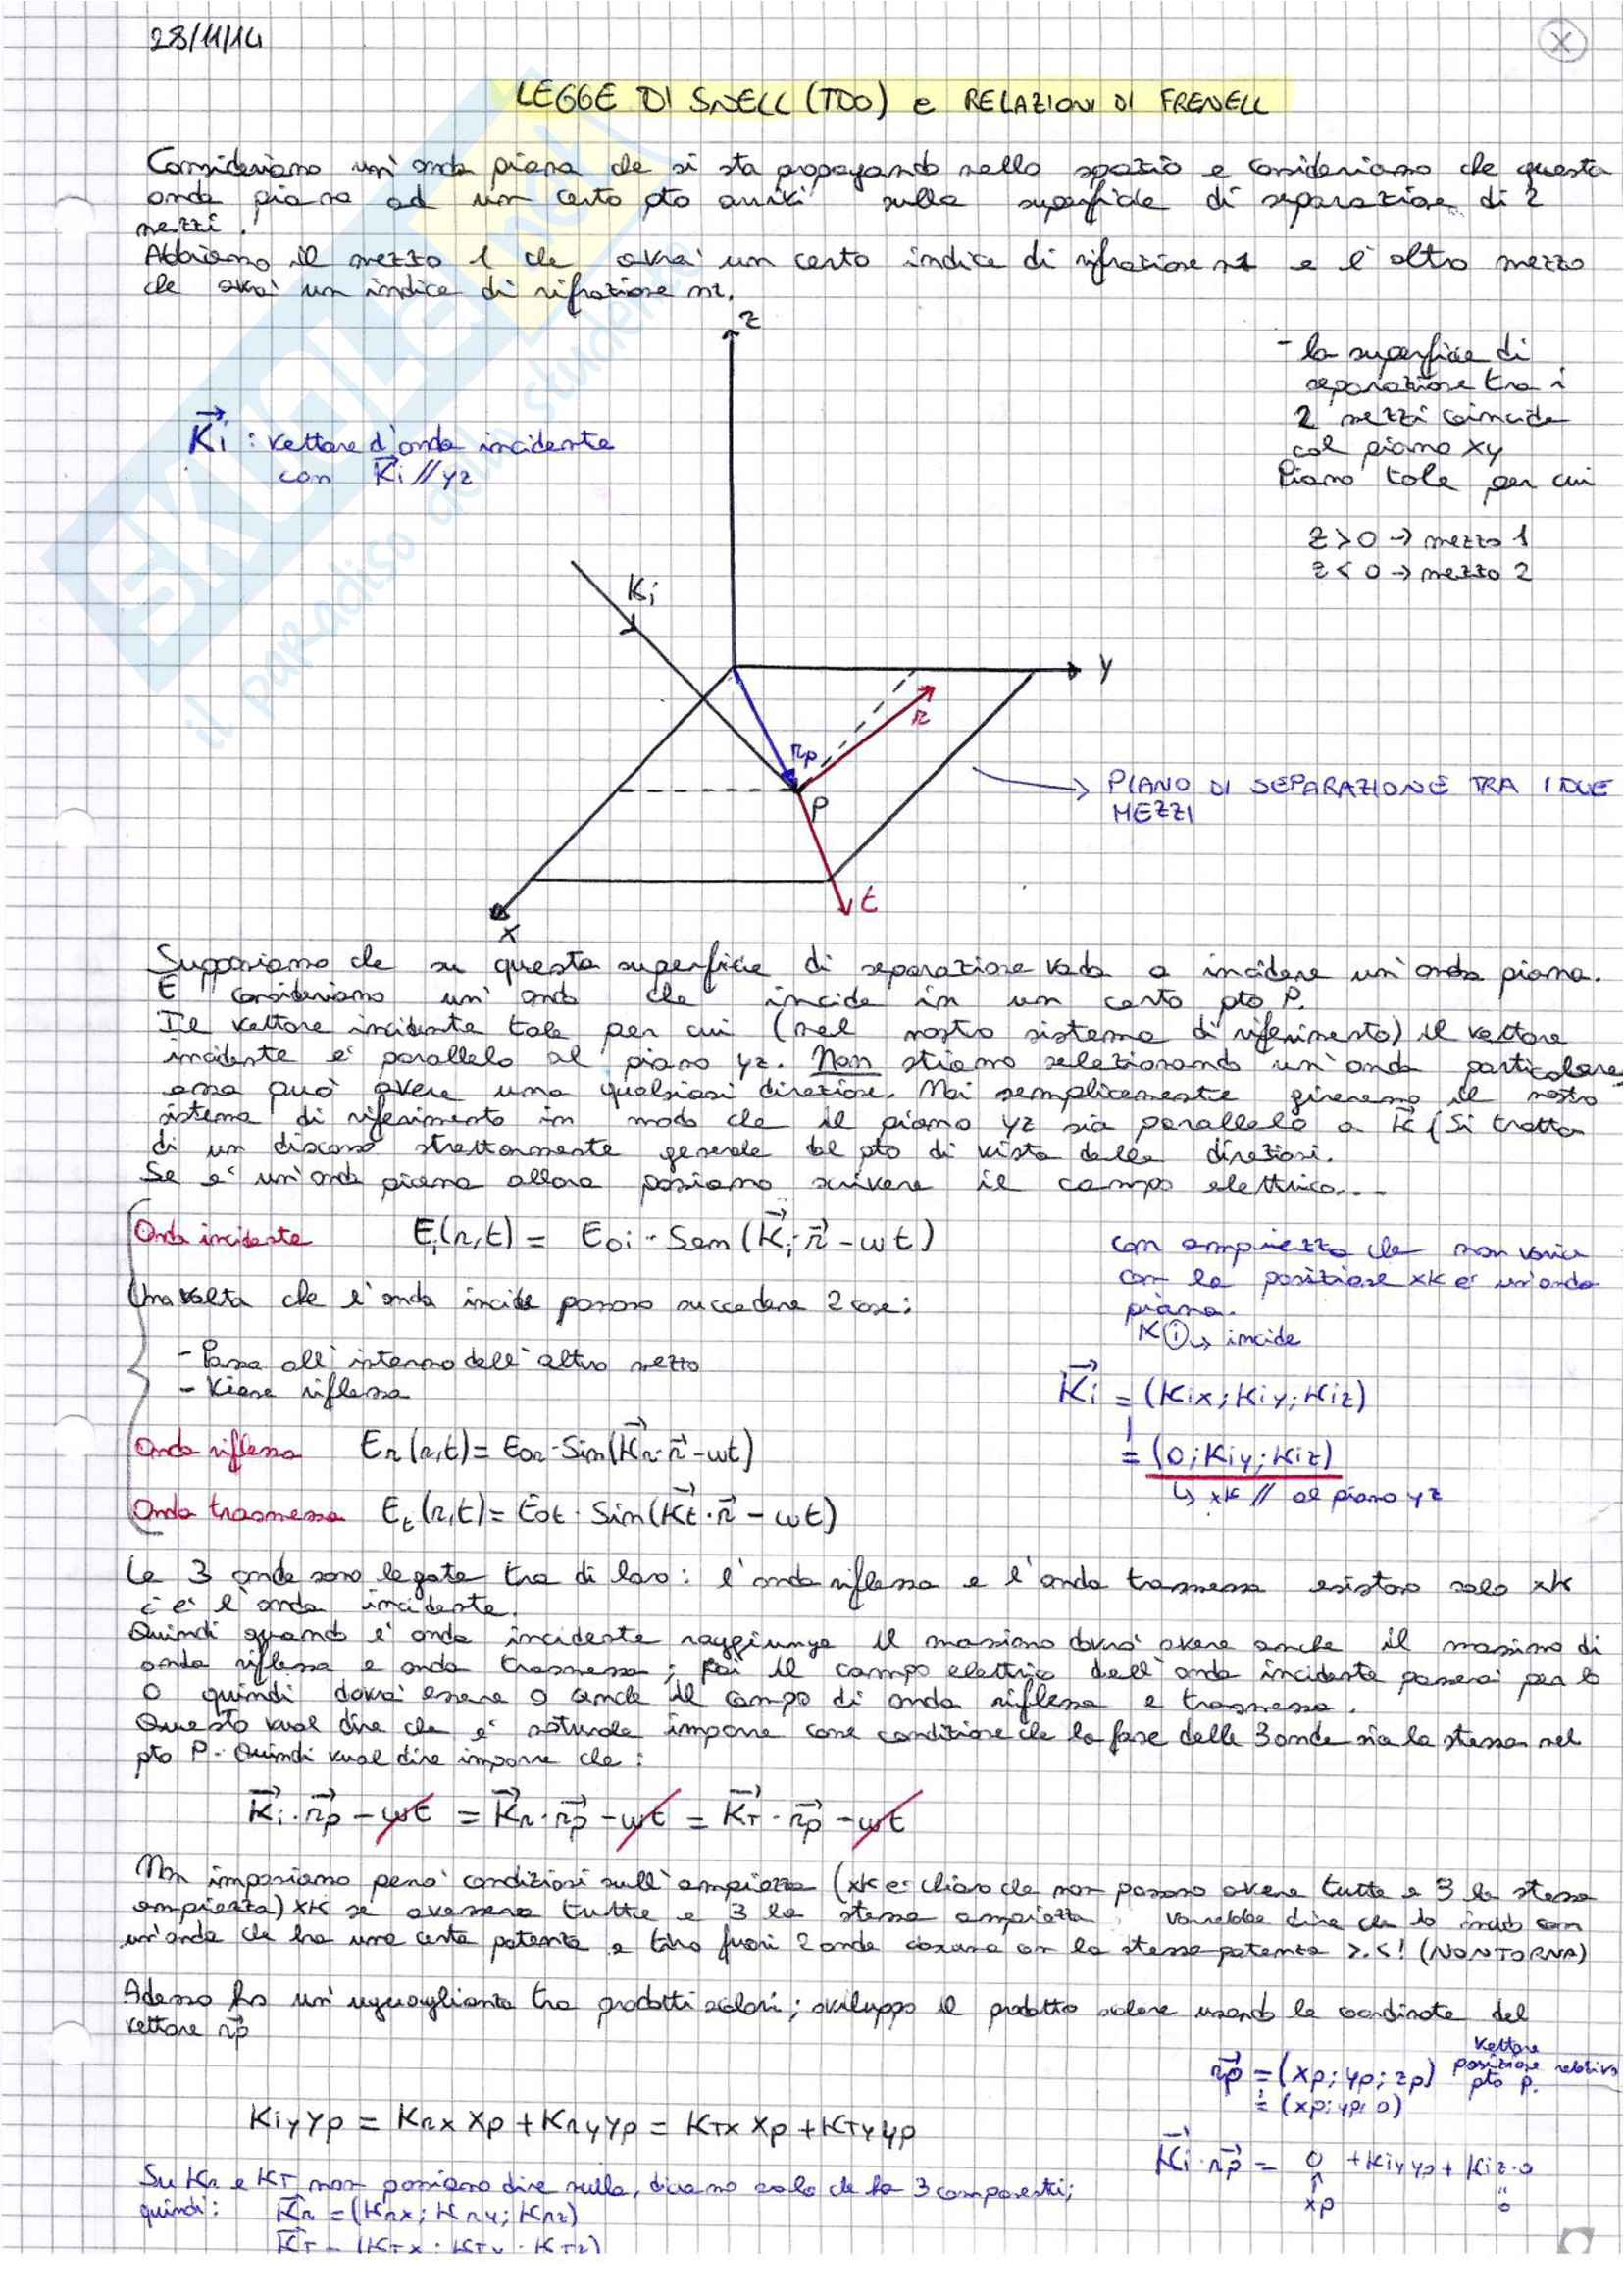 Onde elettromagnetiche - fisica 2, appunti tratti dal corso prof. Minzioni, unipv Bioingegneria Pag. 31